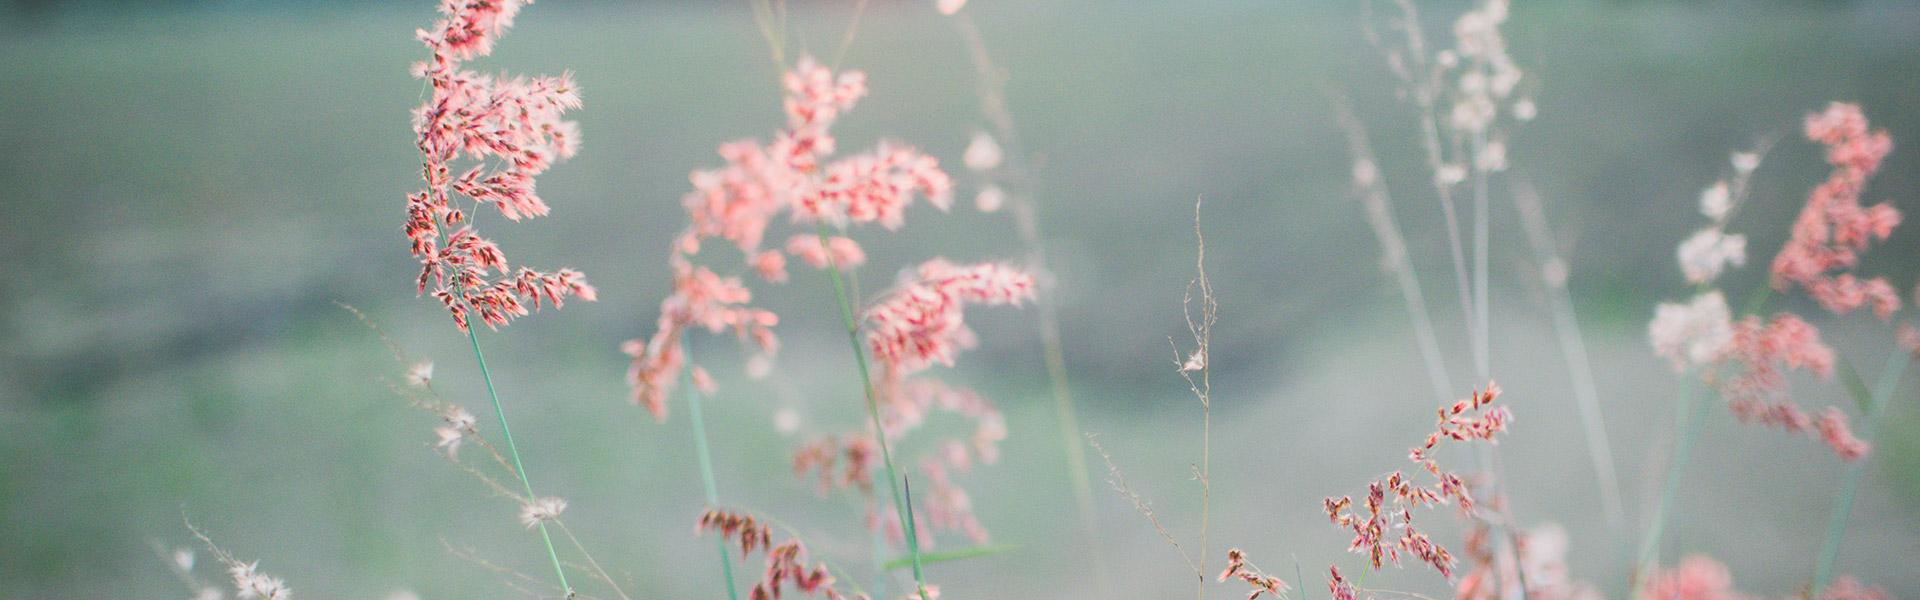 Slide_flower71